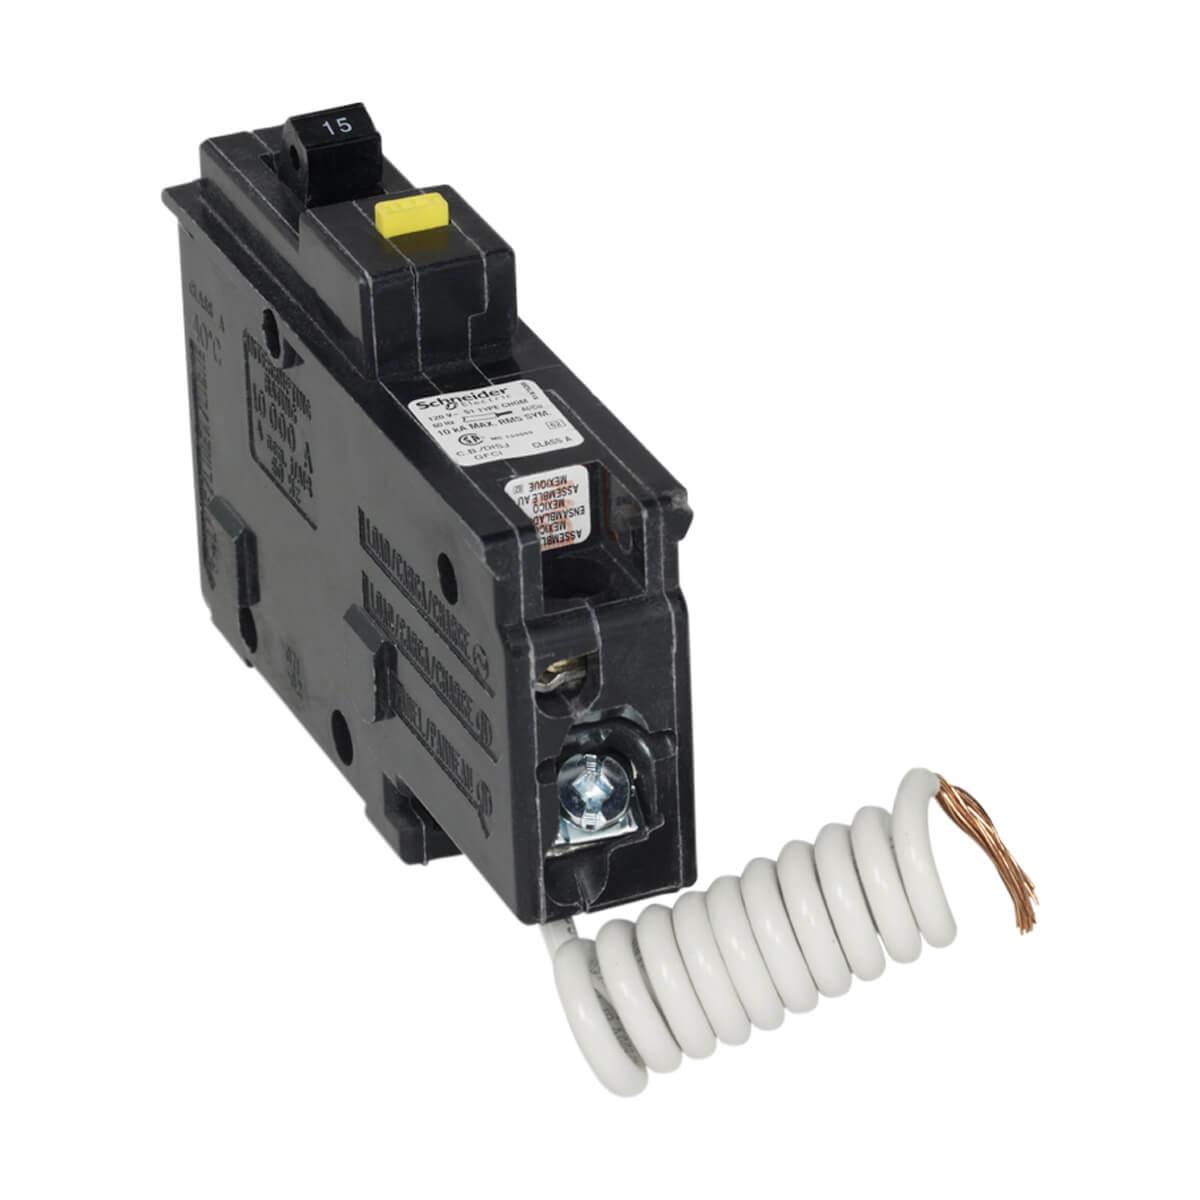 Homeline Single Pole 15 Amp Ground Fault (GFCI) Plug-On Circuit Breaker